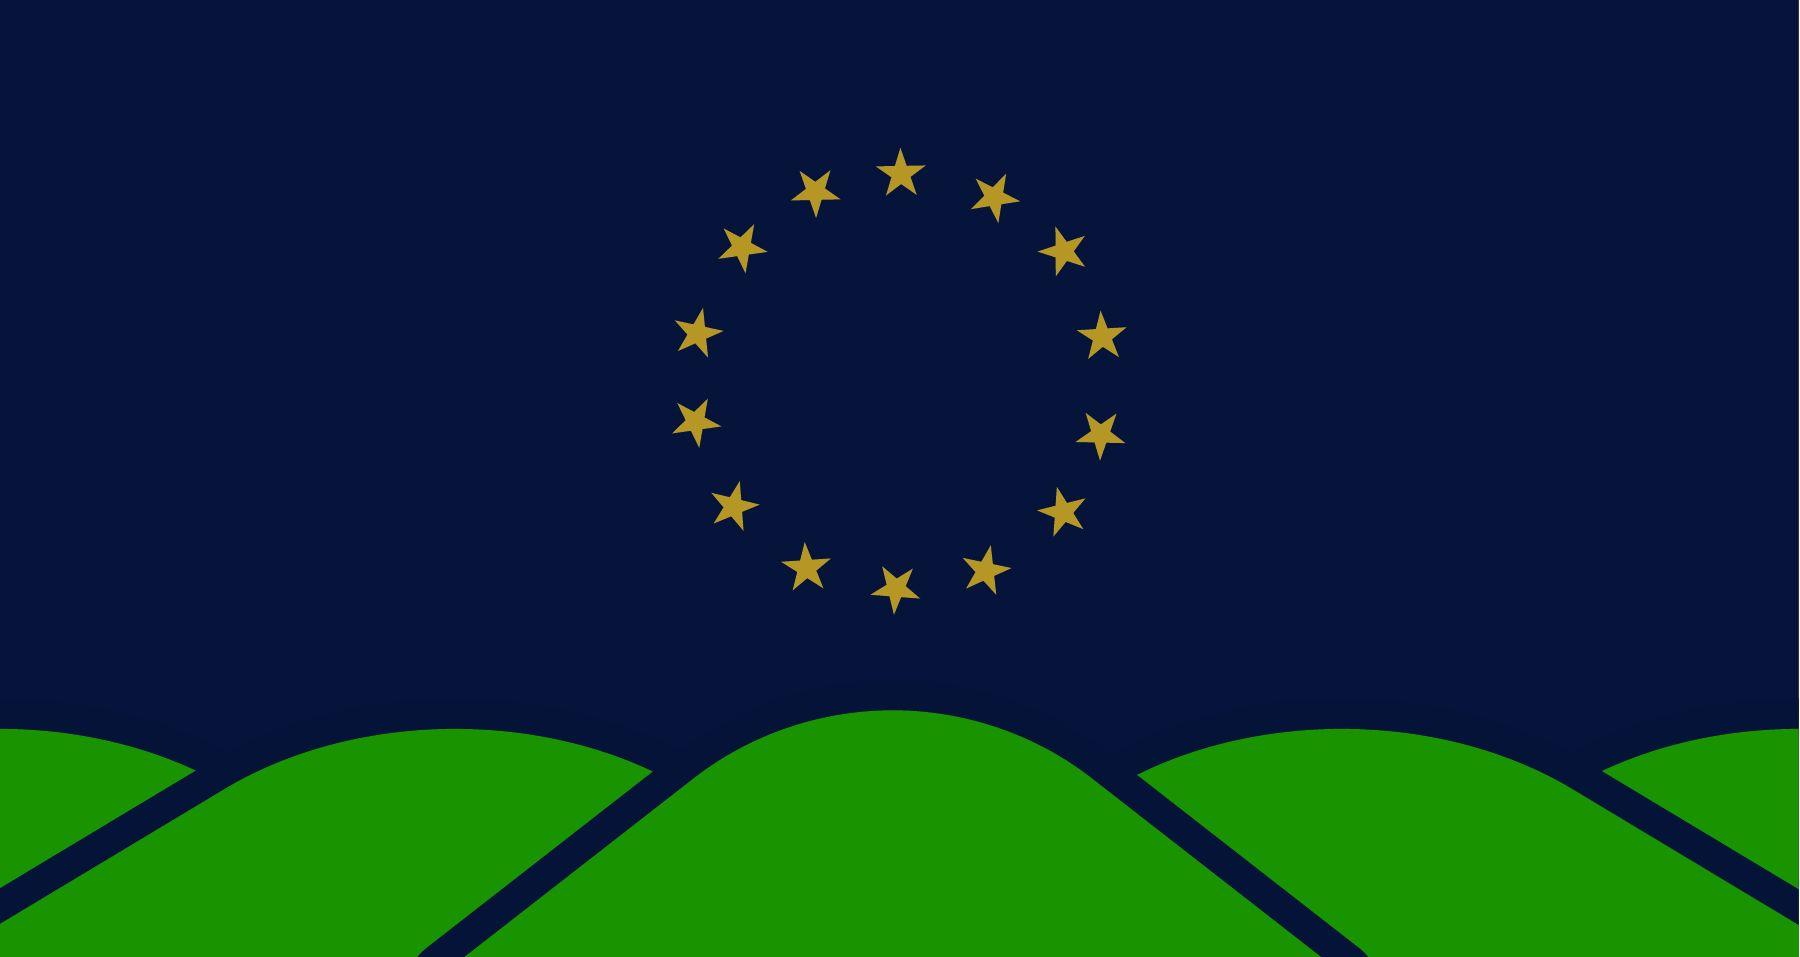 montpelier unveils new flag after old design shamed in ted talk